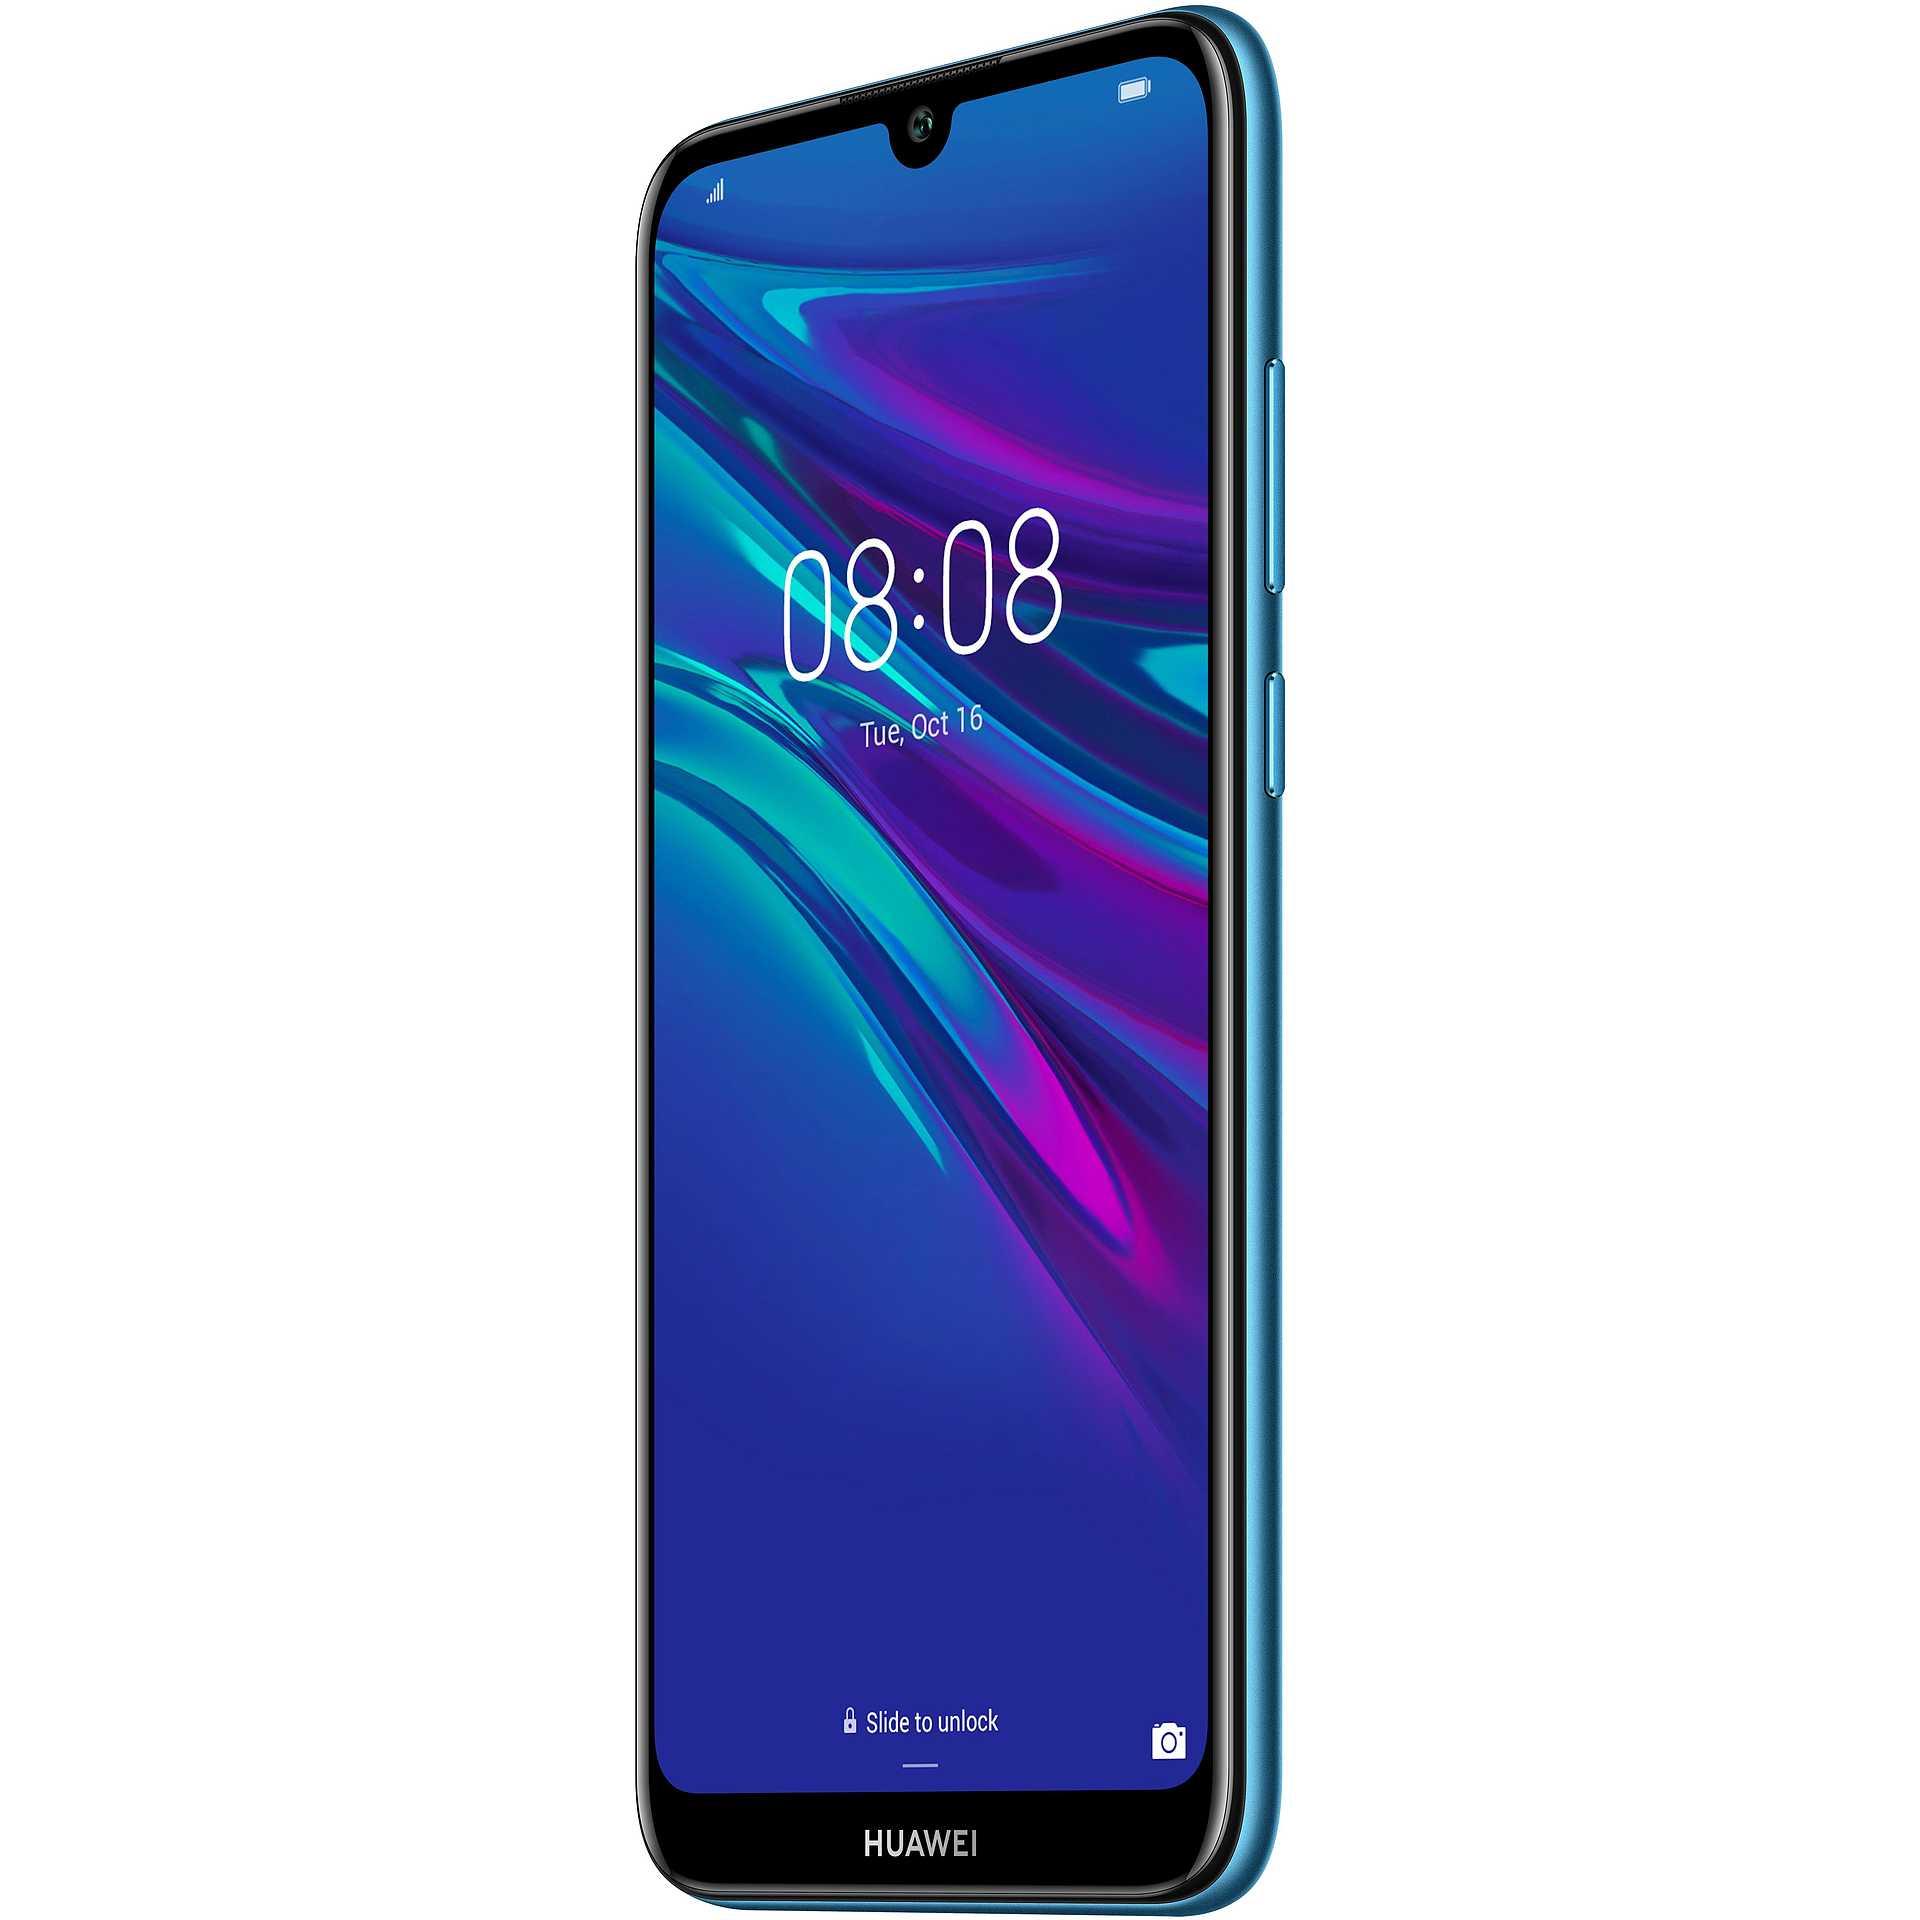 Scaldasonno Imetec Prezzo Trony.Huawei Y6 2019 Smartphone Dual Sim 6 Memoria 32 Gb Ram 2 Gb